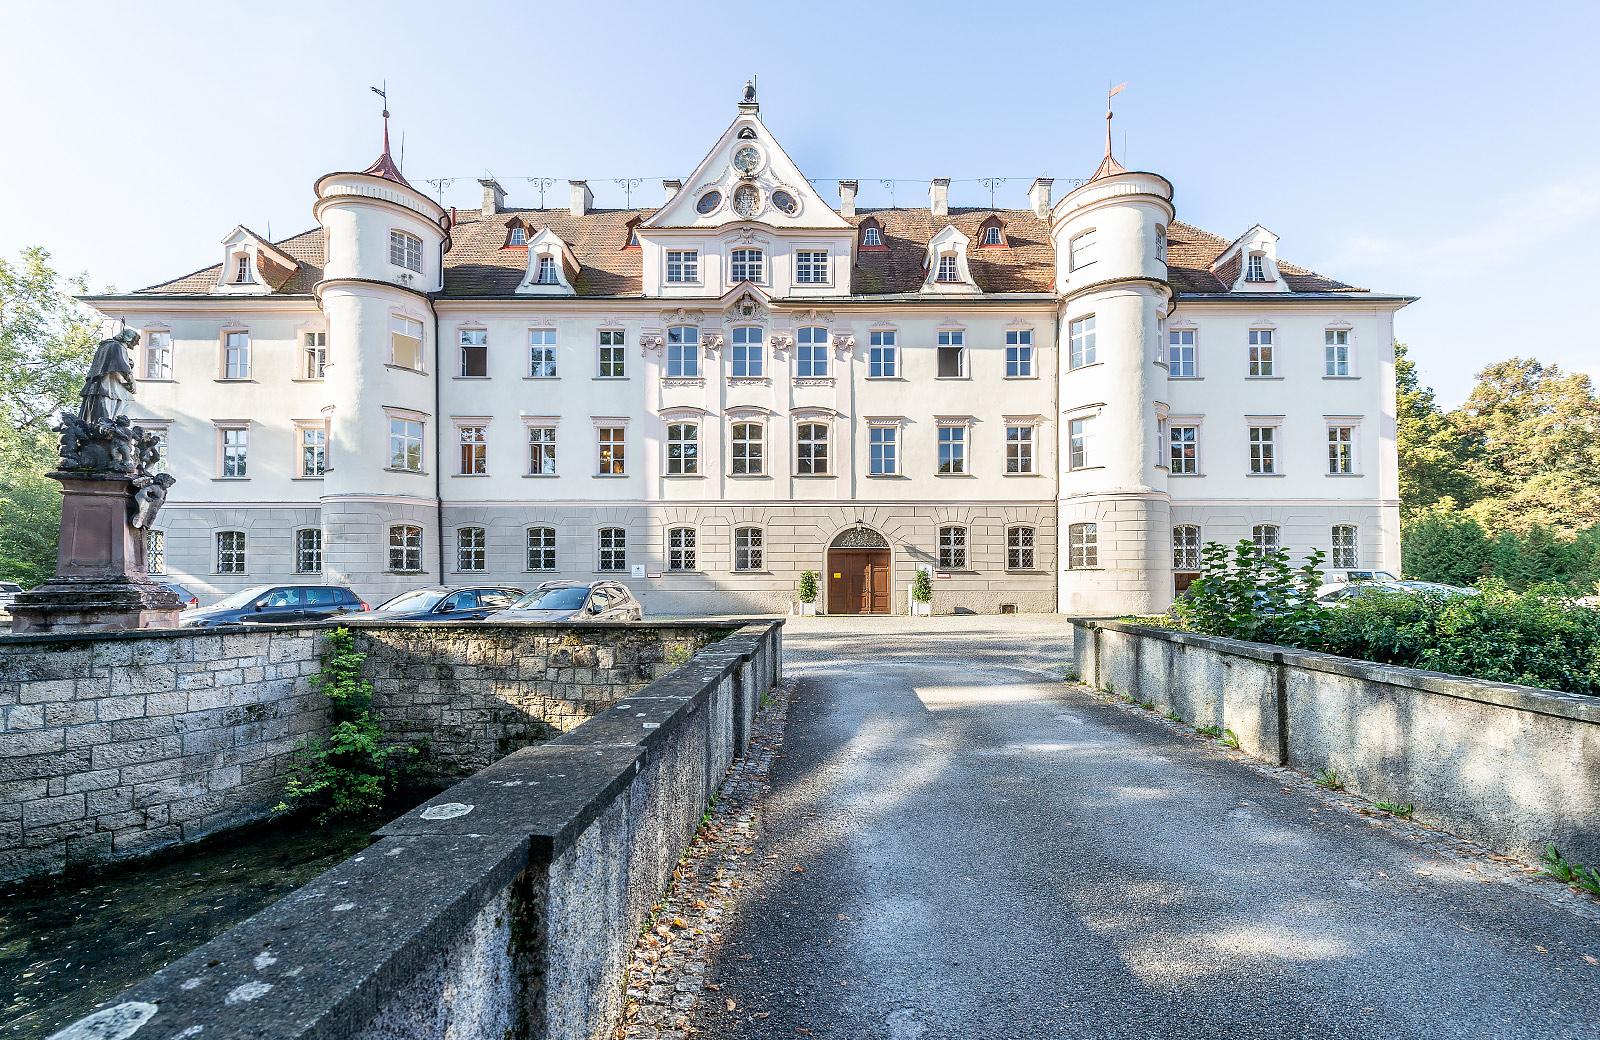 Aussenansicht der Wassserschloss Bad Waldsee